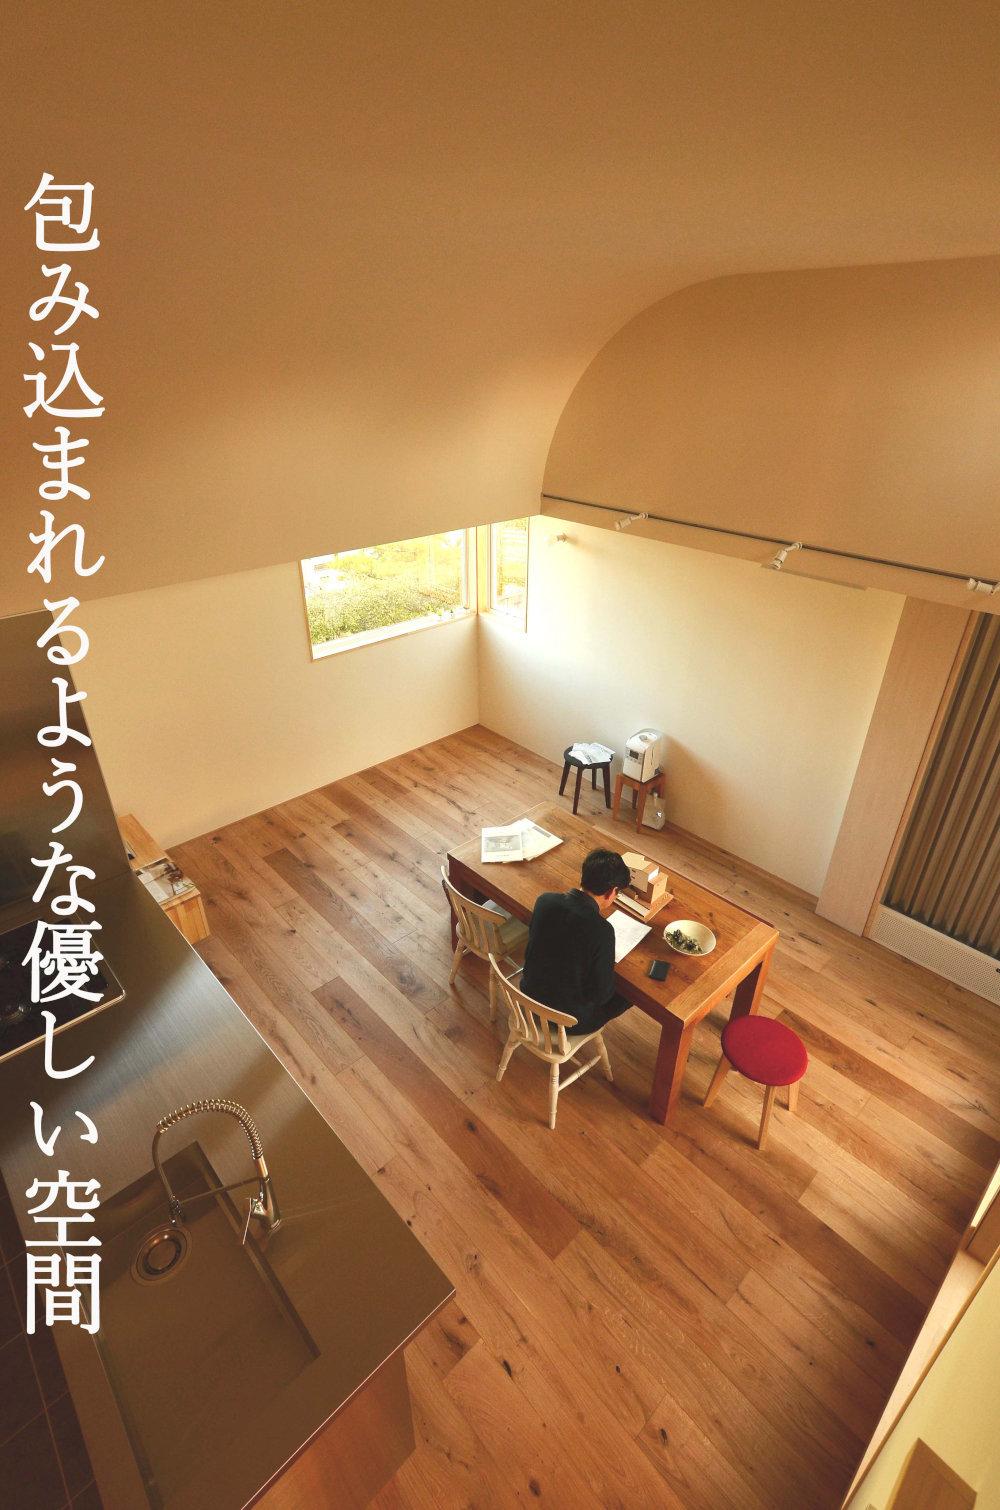 中庭のメリット オープンハウスのお知らせ 36坪の土地に建つ中庭のある住まい_b0349892_07515149.jpg